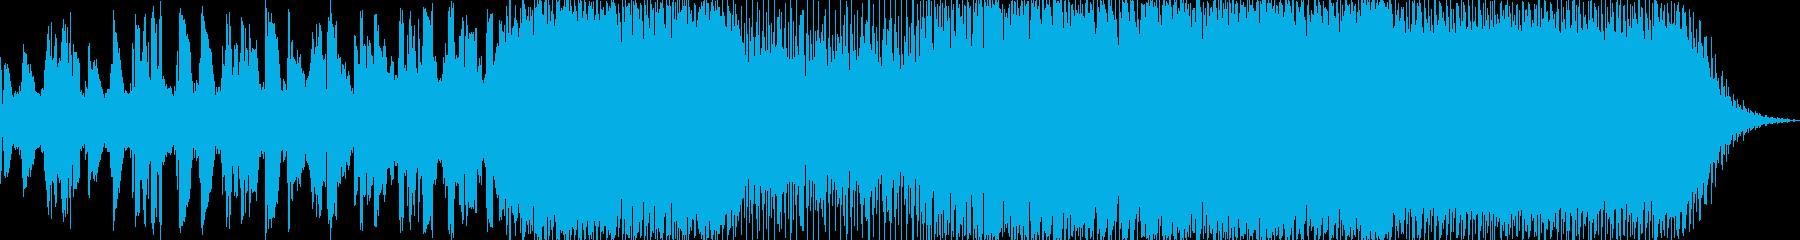 1:22まで小音そこからのダイナミクスの再生済みの波形